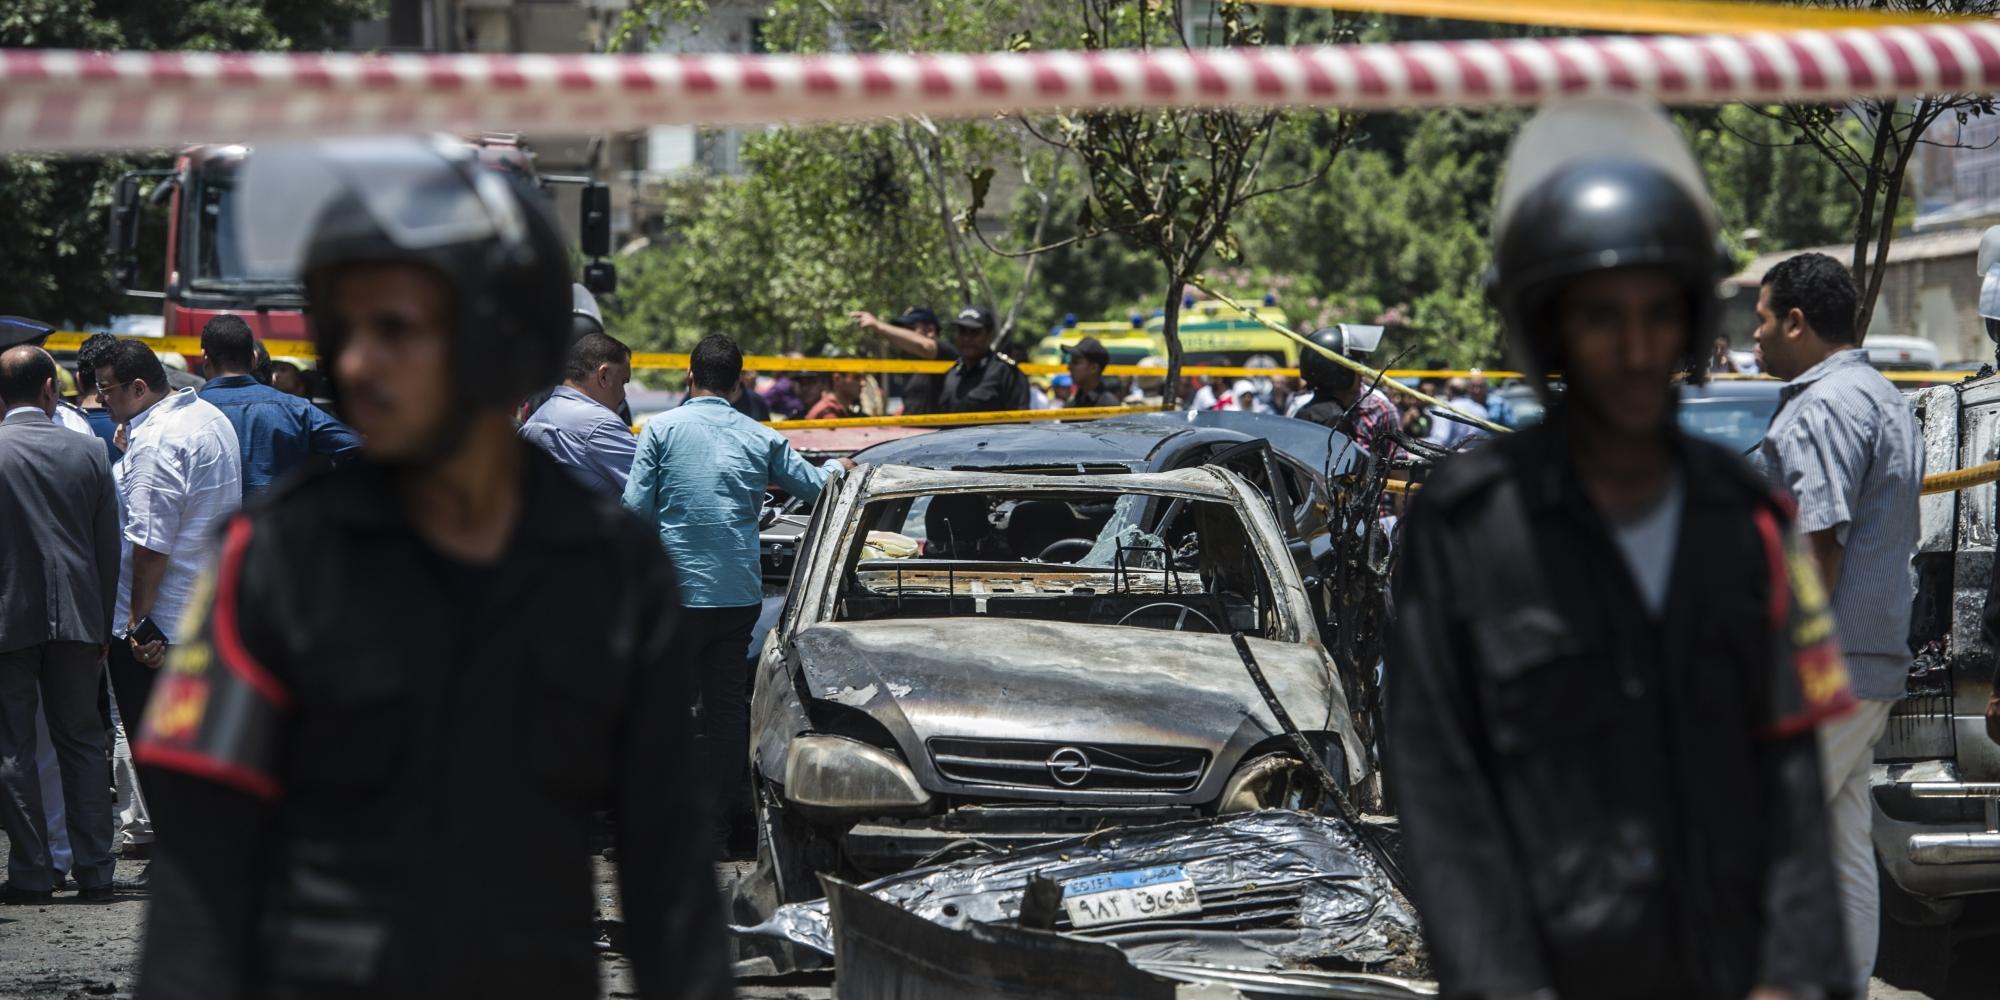 حكم جديد في مصر بإعدام 28 من أنصار مرسي بينهم برلماني سابق وضابط بالمعاش